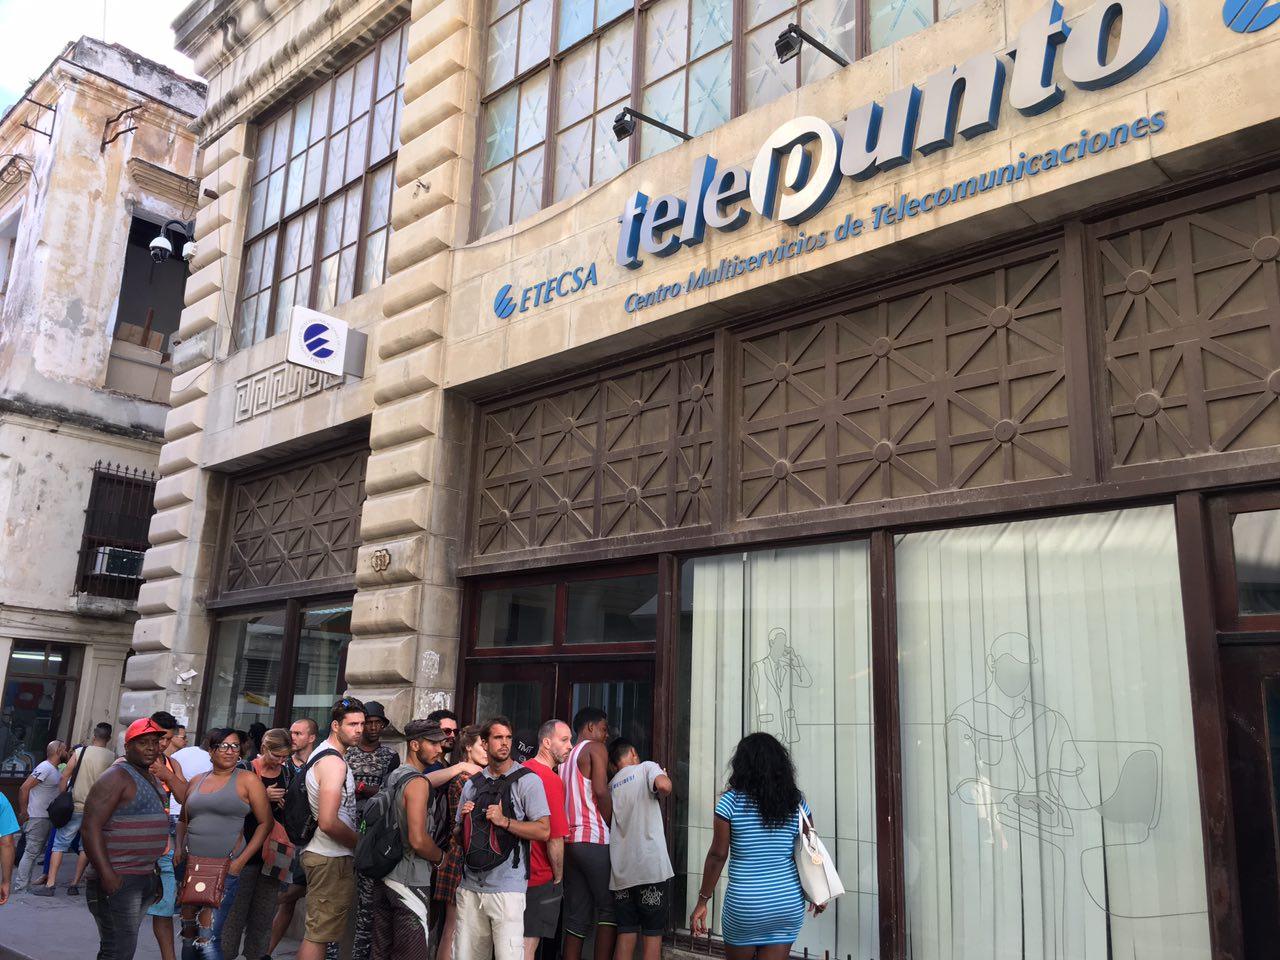 En la espera paraconseguir acceso a la web, Cuba.